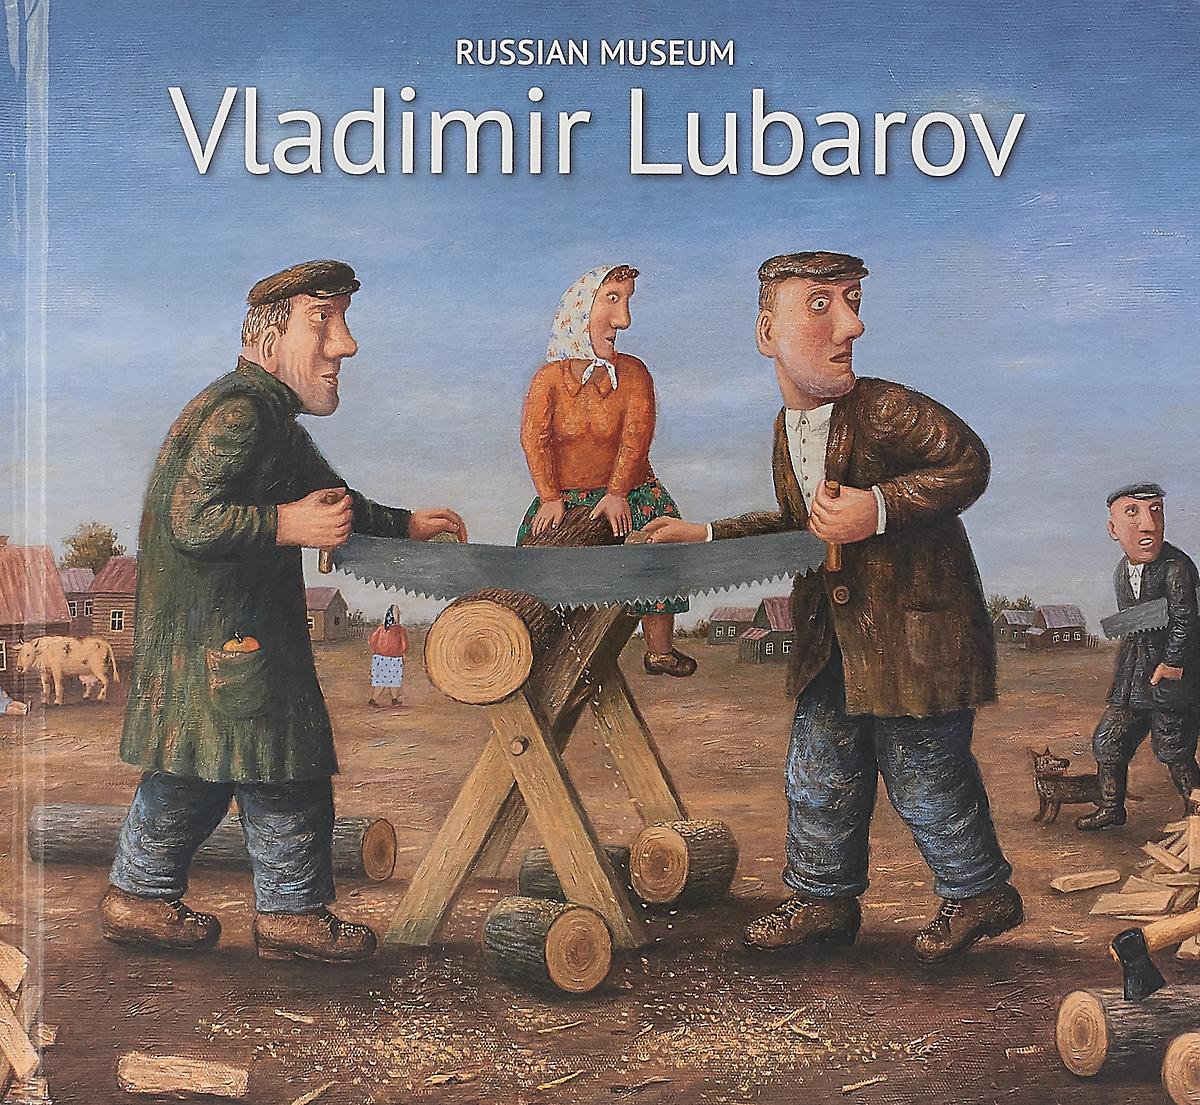 В. Любаров Любаров. Vladimir Lubarov.Russian Museum